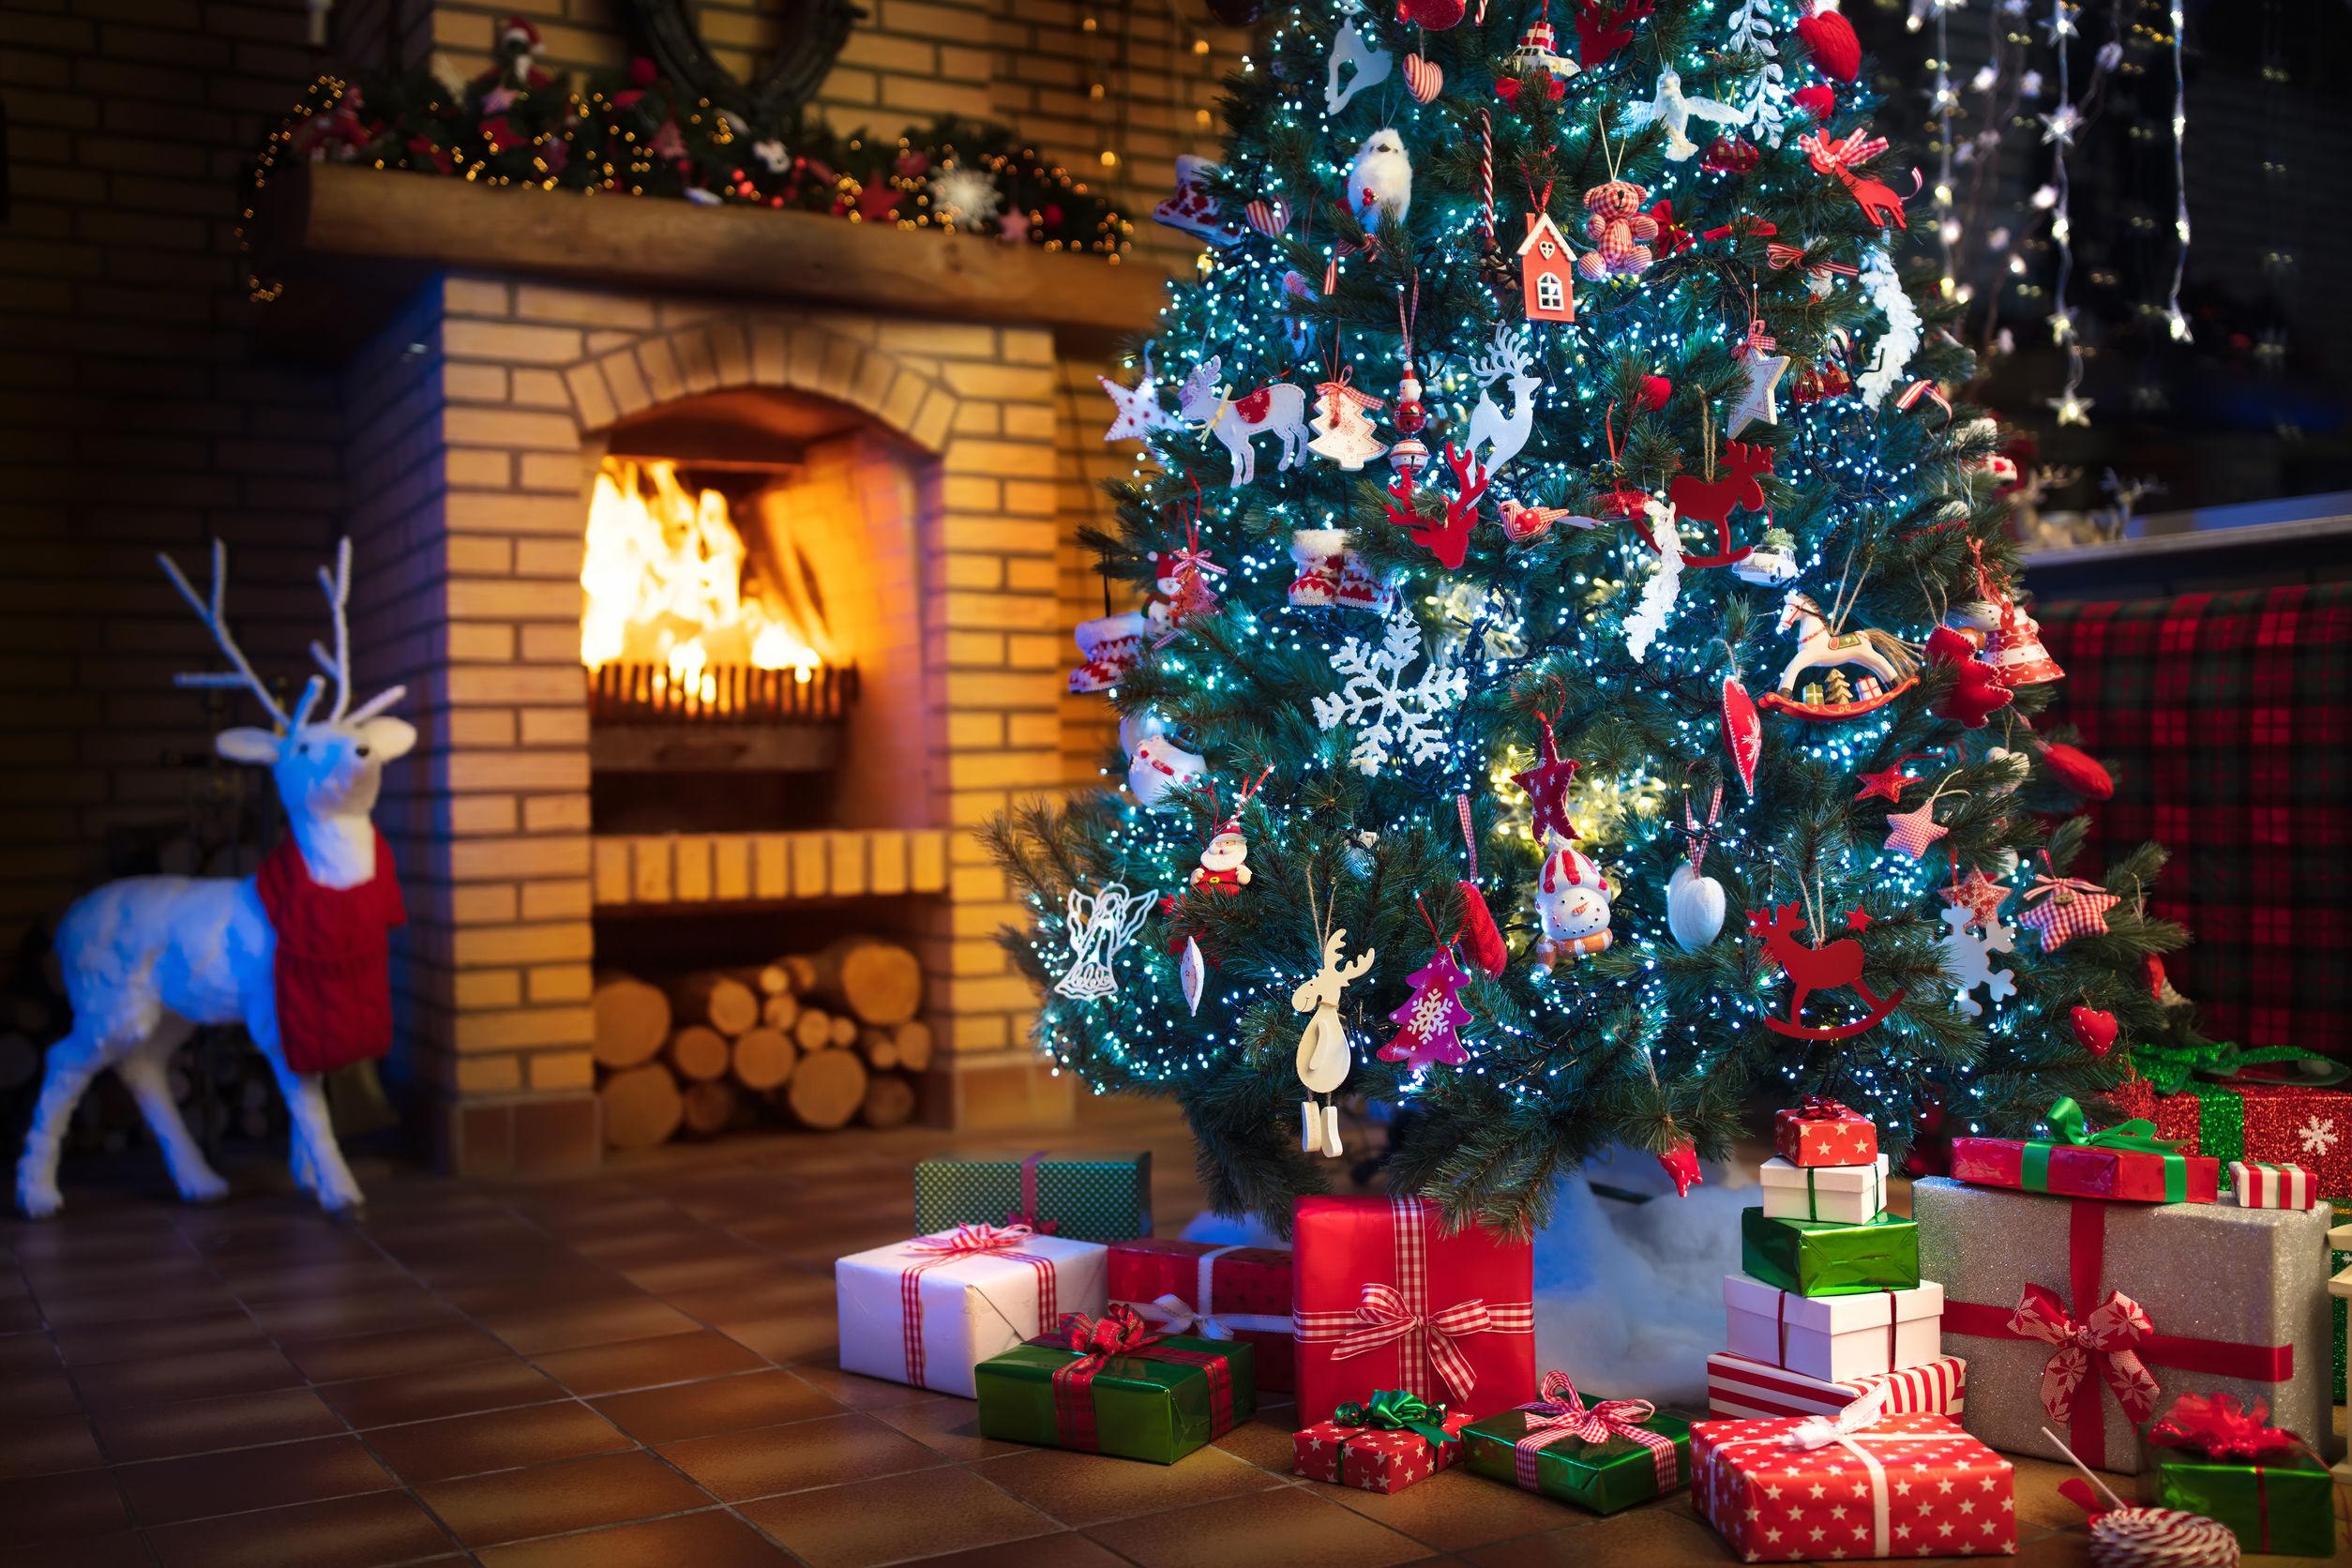 Weihnachtsbaumbeleuchtung kabellos